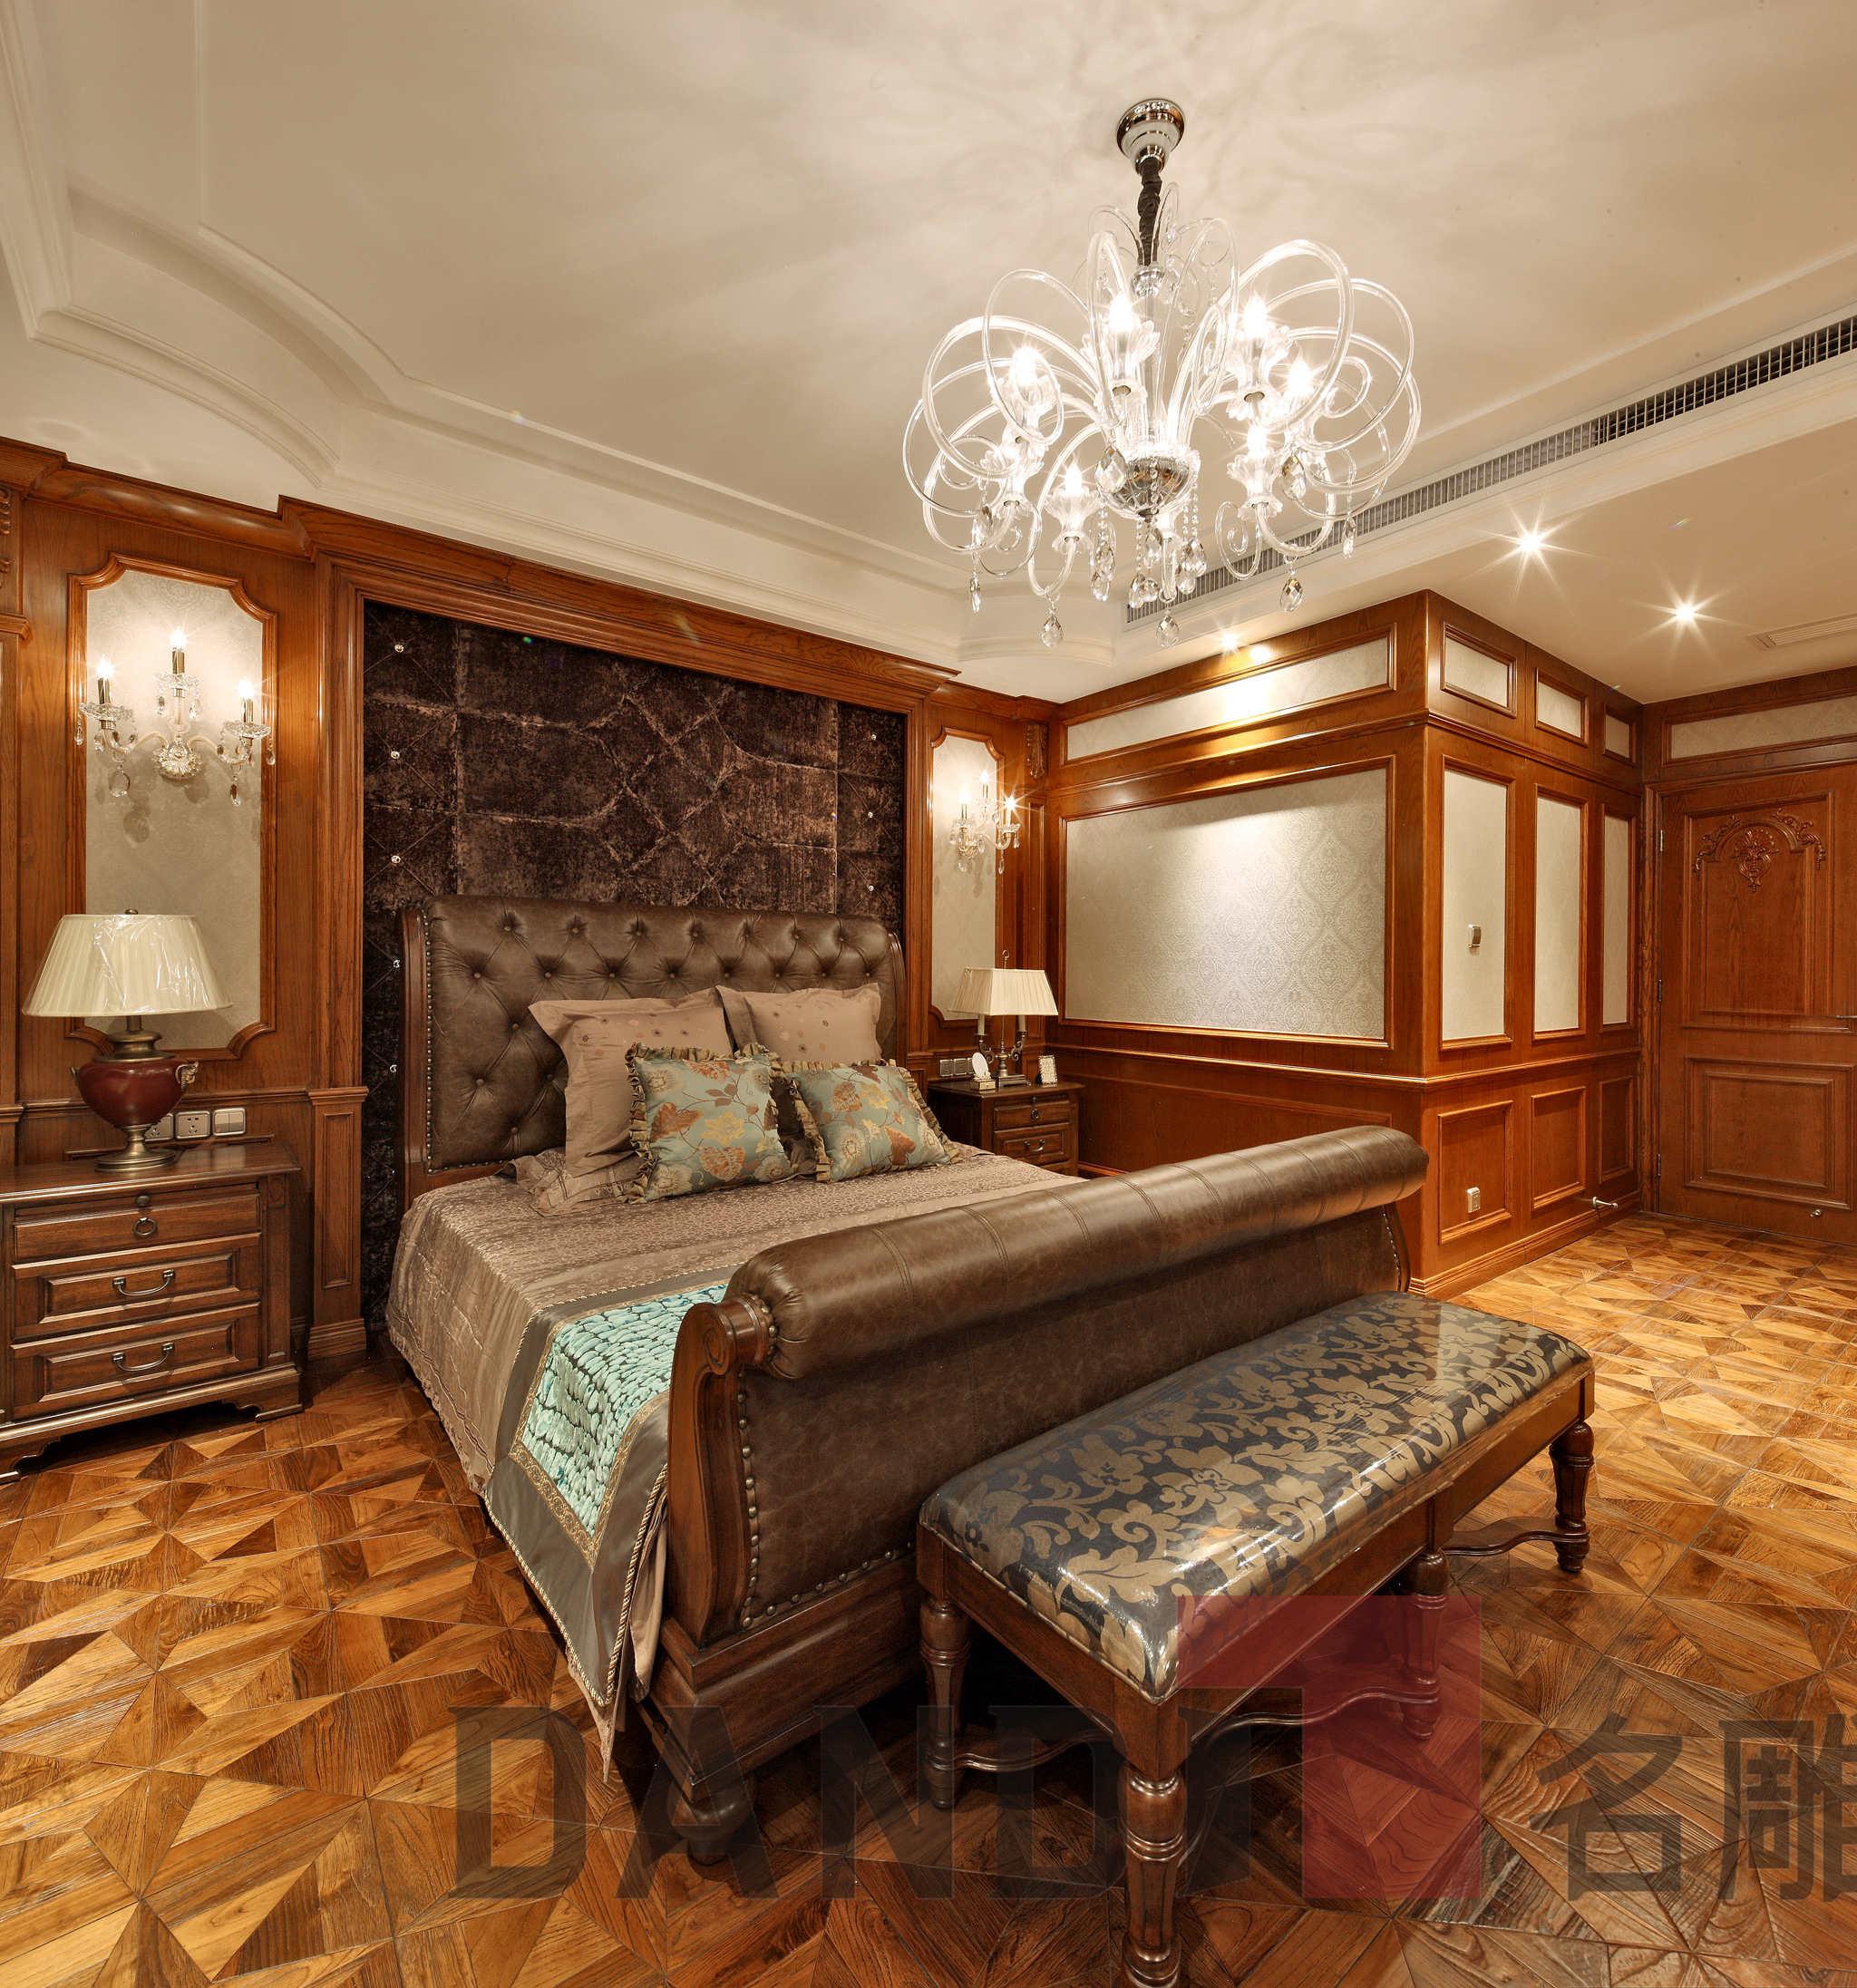 美式 欧式 别墅 卧室图片来自名雕丹迪在天御山-美式风格-700平-独栋的分享